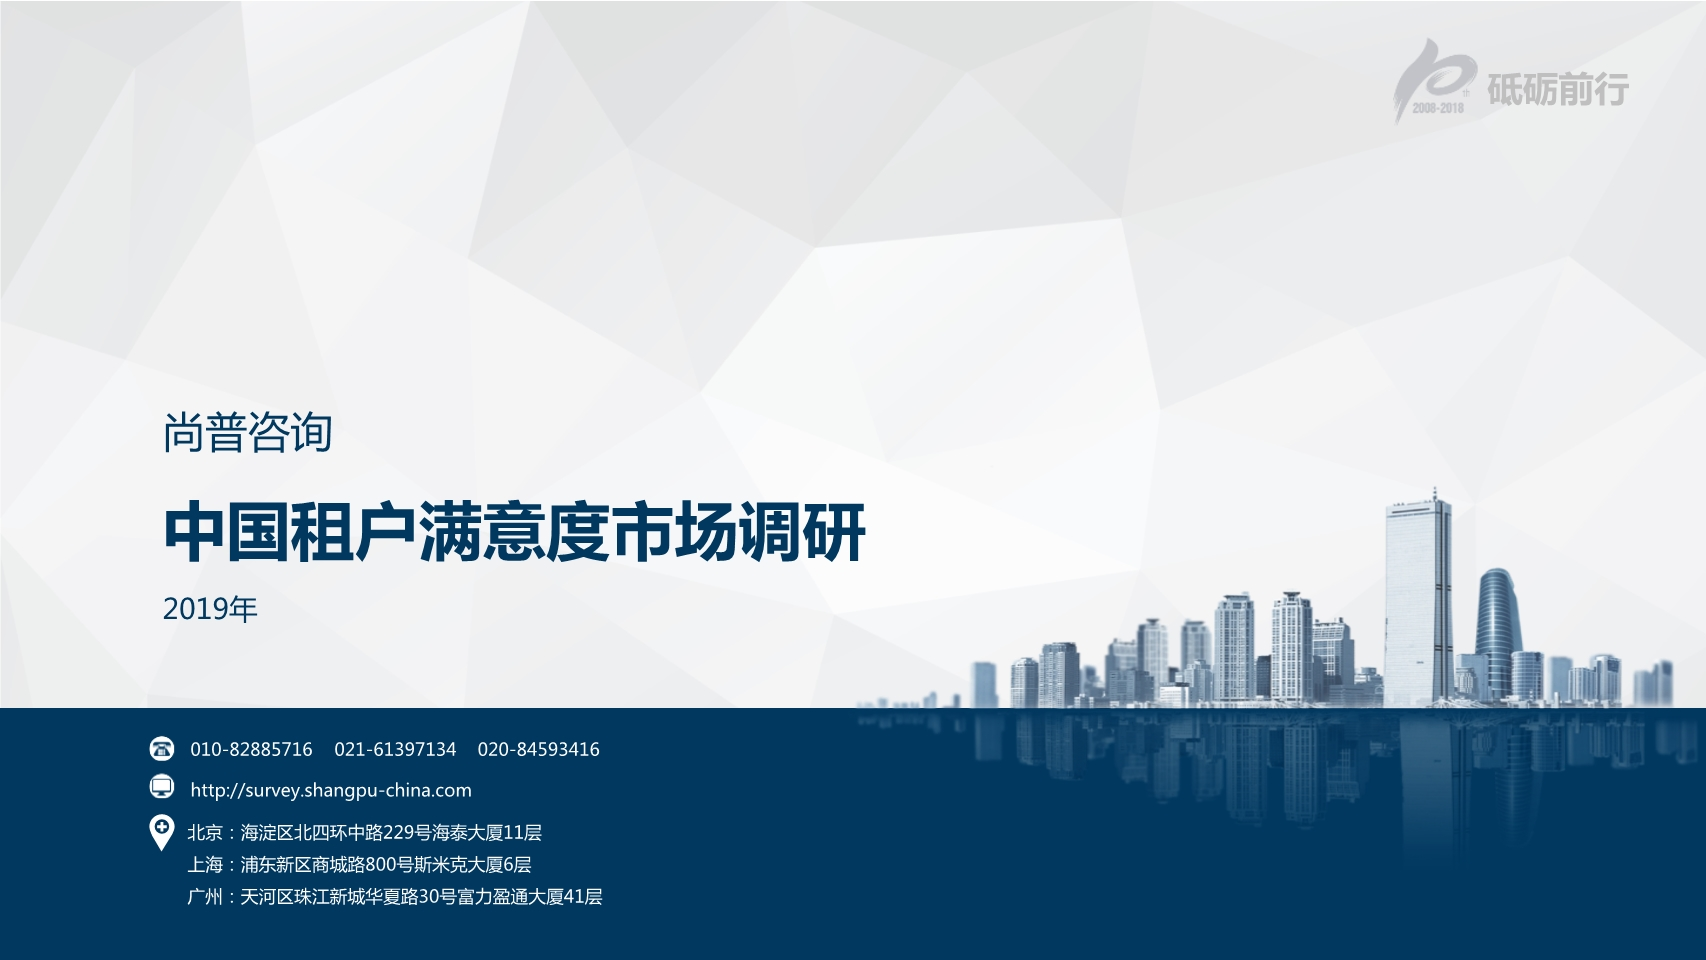 尚普咨询-中国租户满意度市场调研